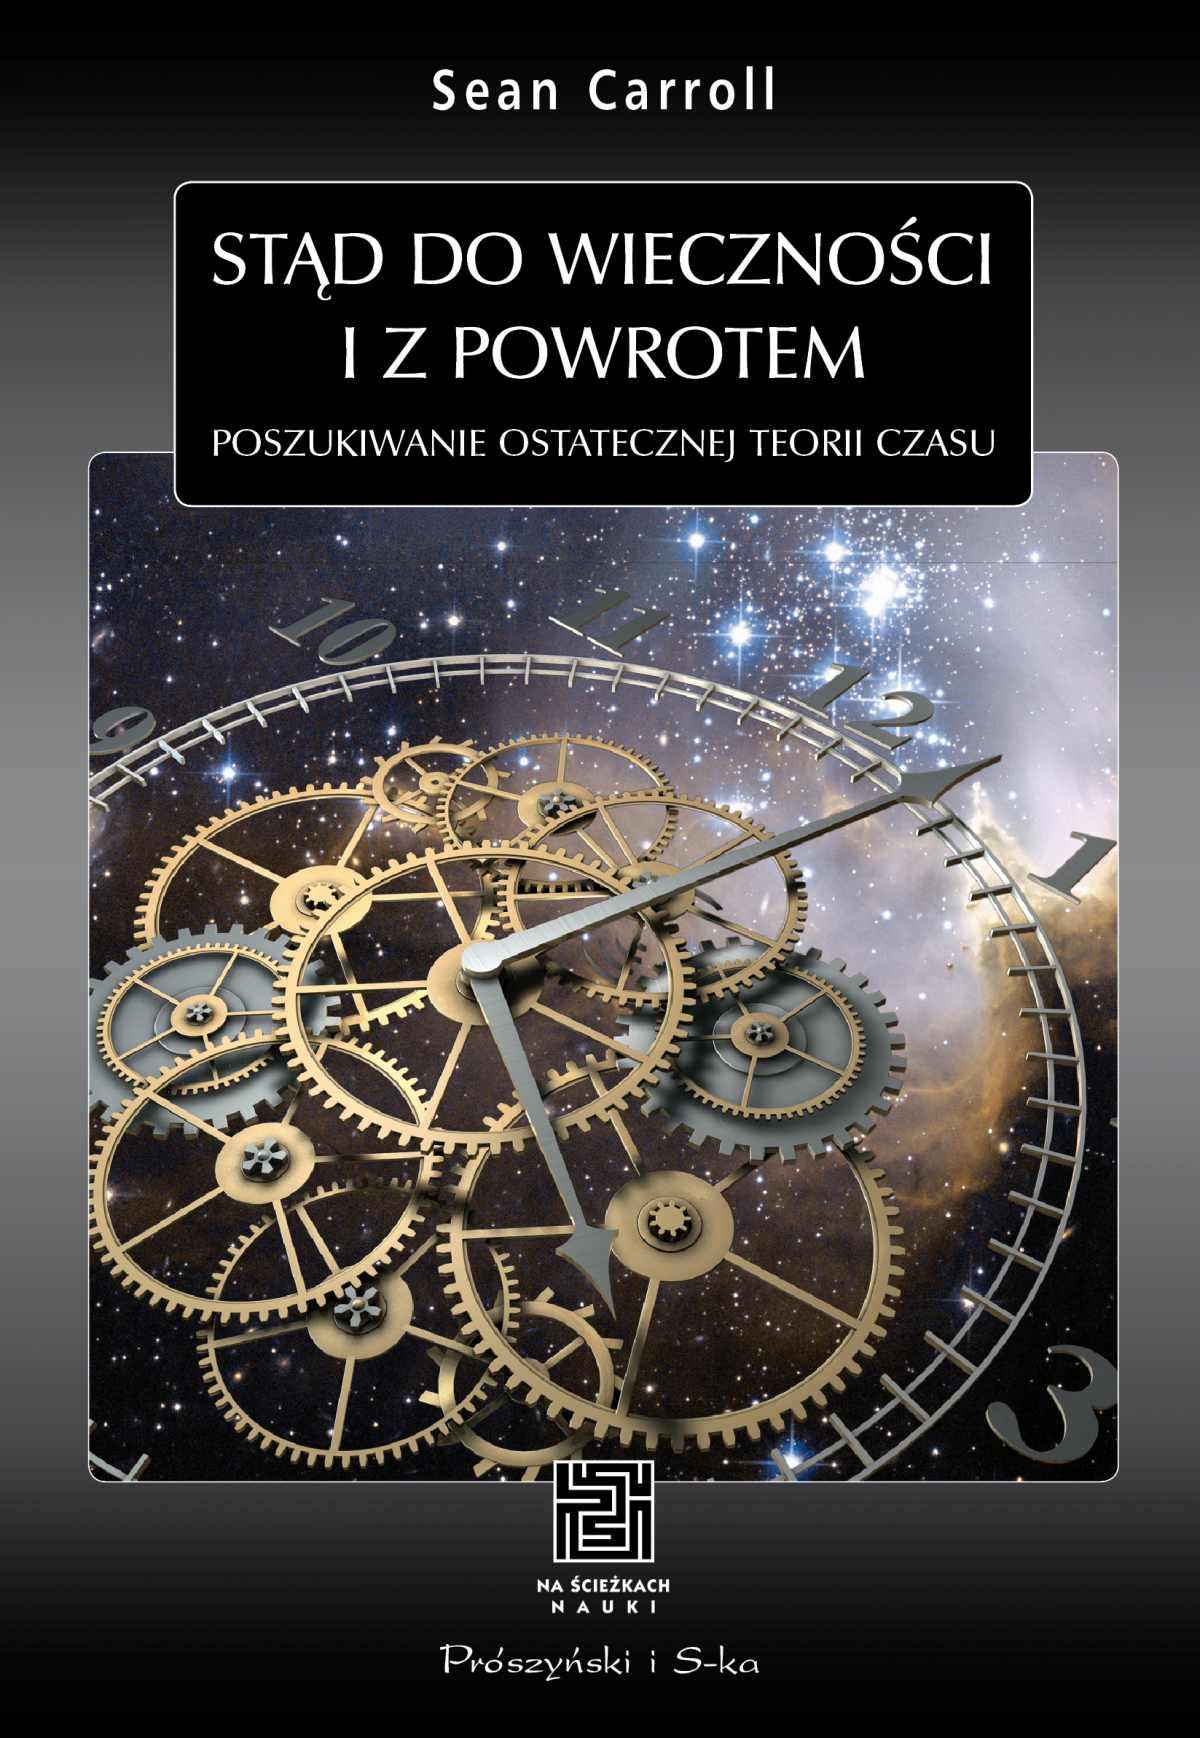 Stąd do wieczności i z powrotem. Poszukiwanie ostatecznej teorii czasu - Ebook (Książka EPUB) do pobrania w formacie EPUB